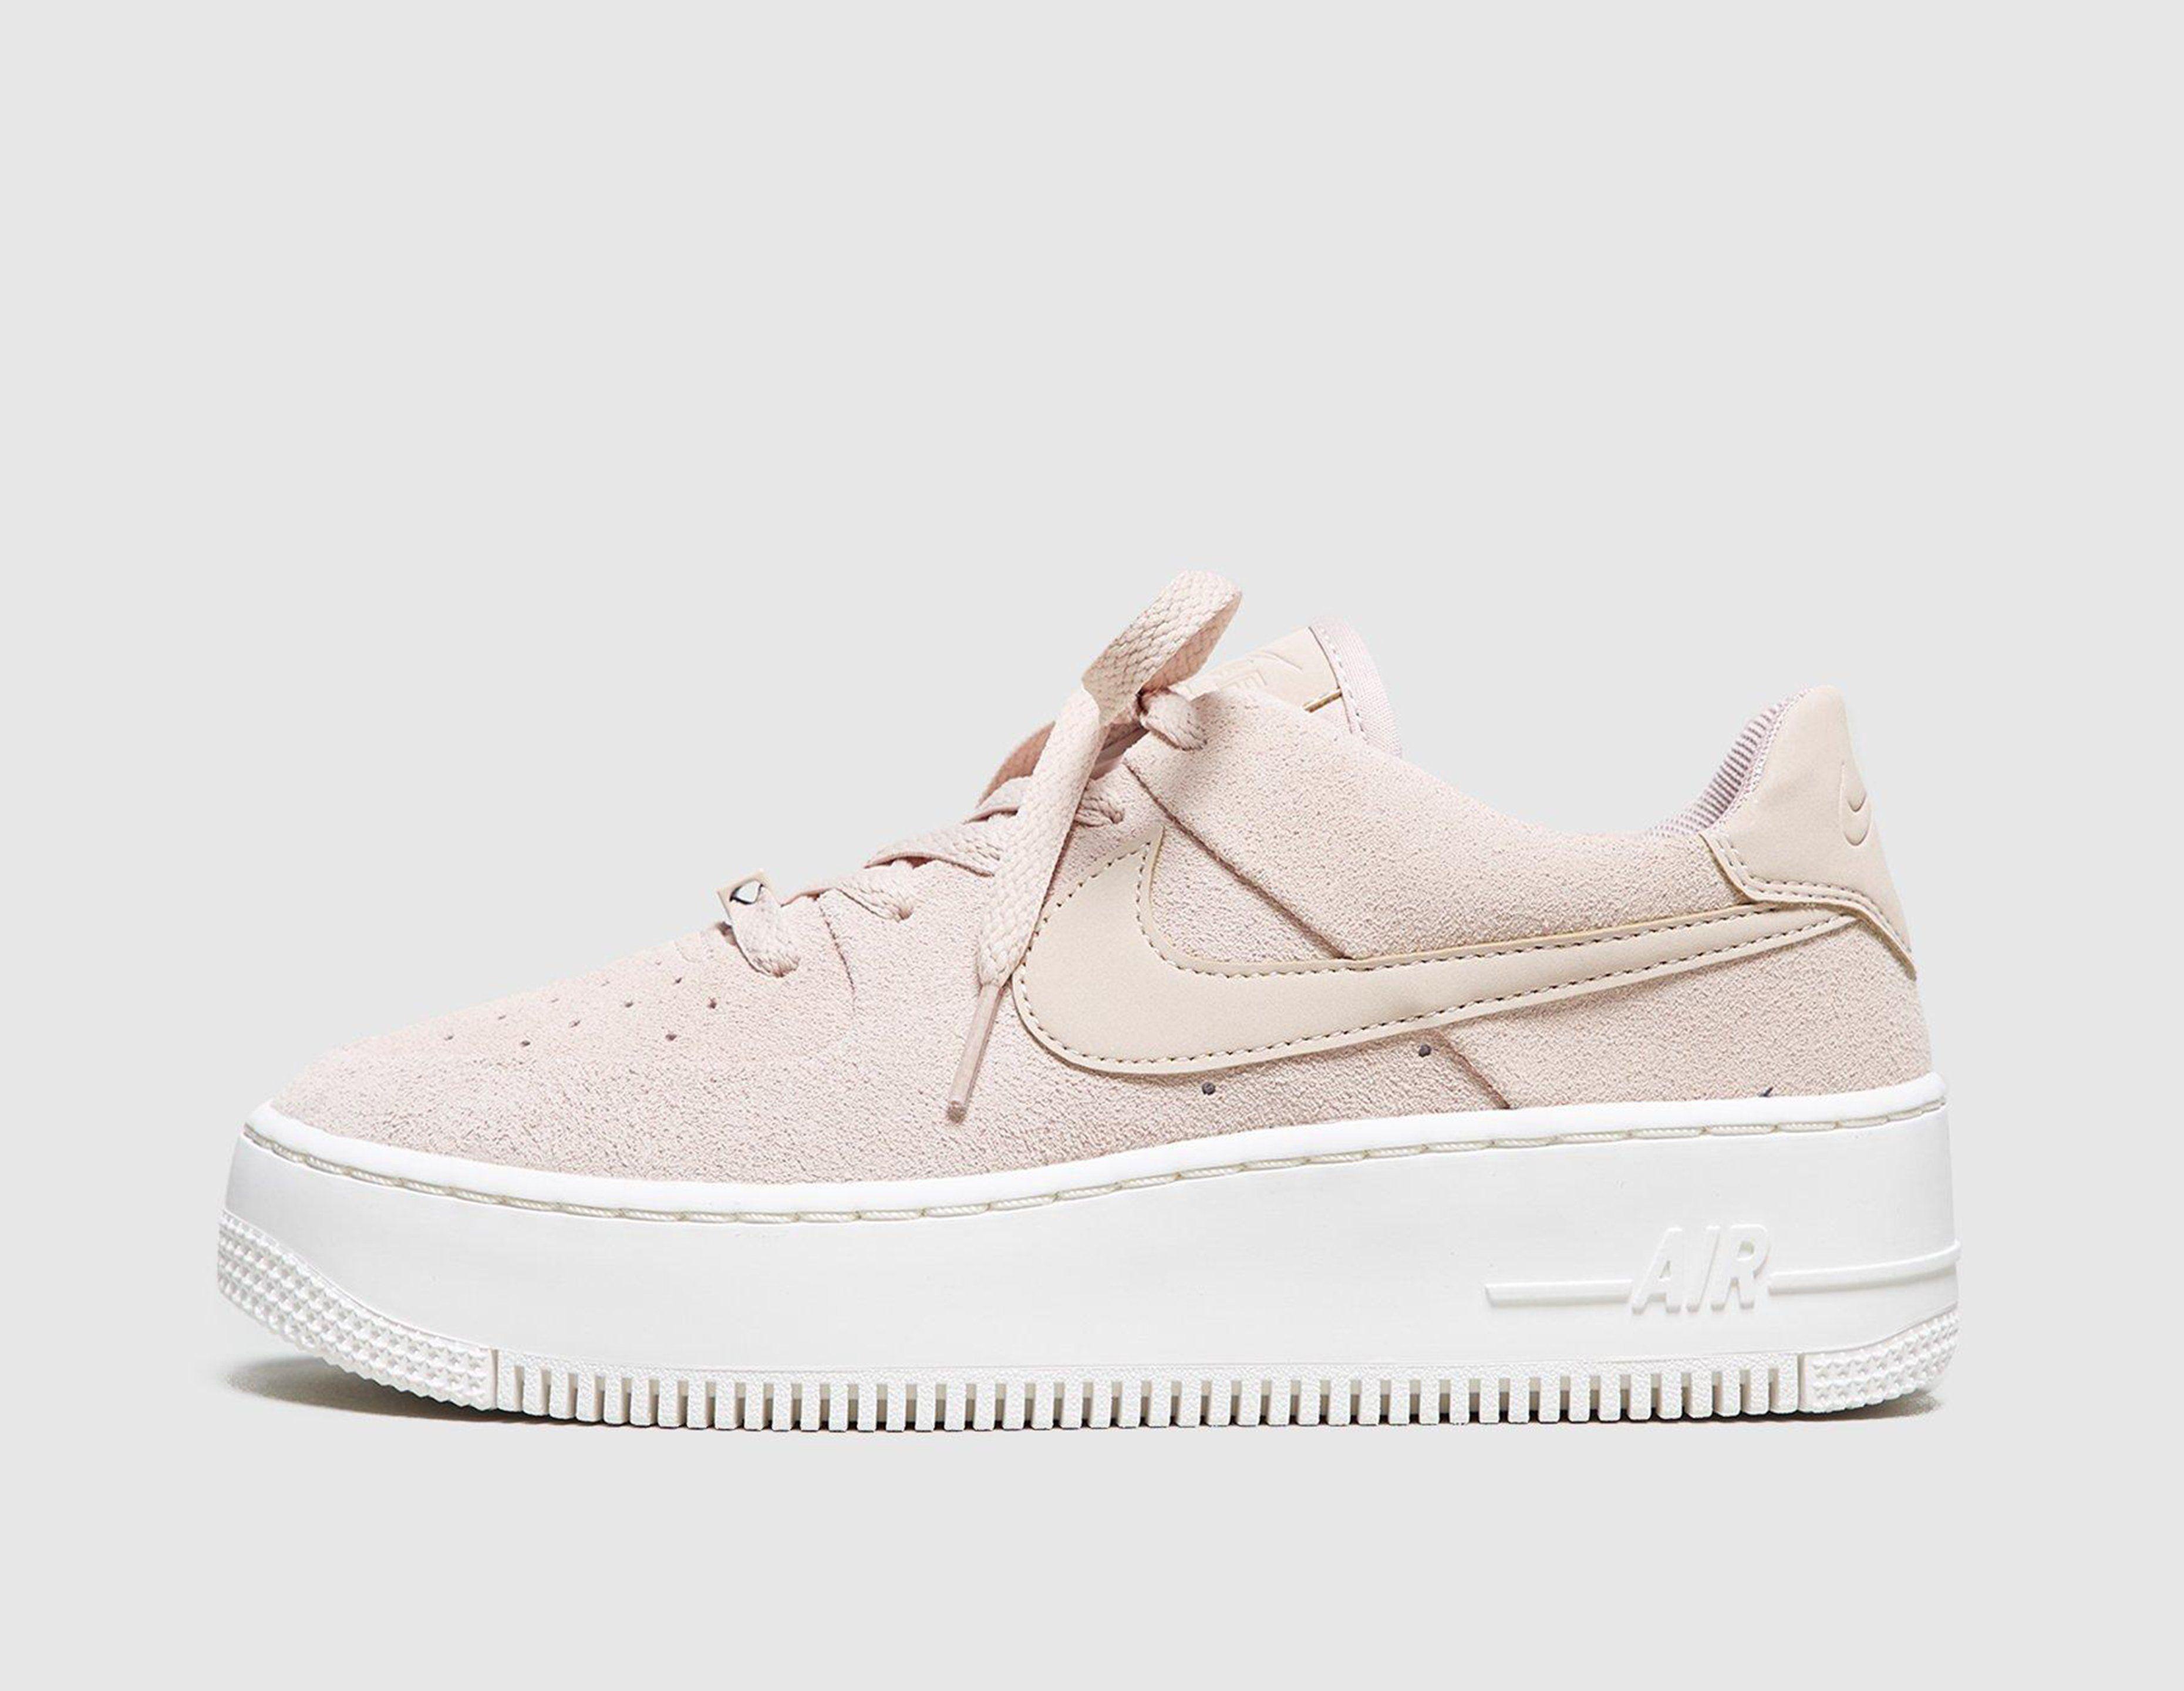 Nike Air Force 1 Sage Low Dam